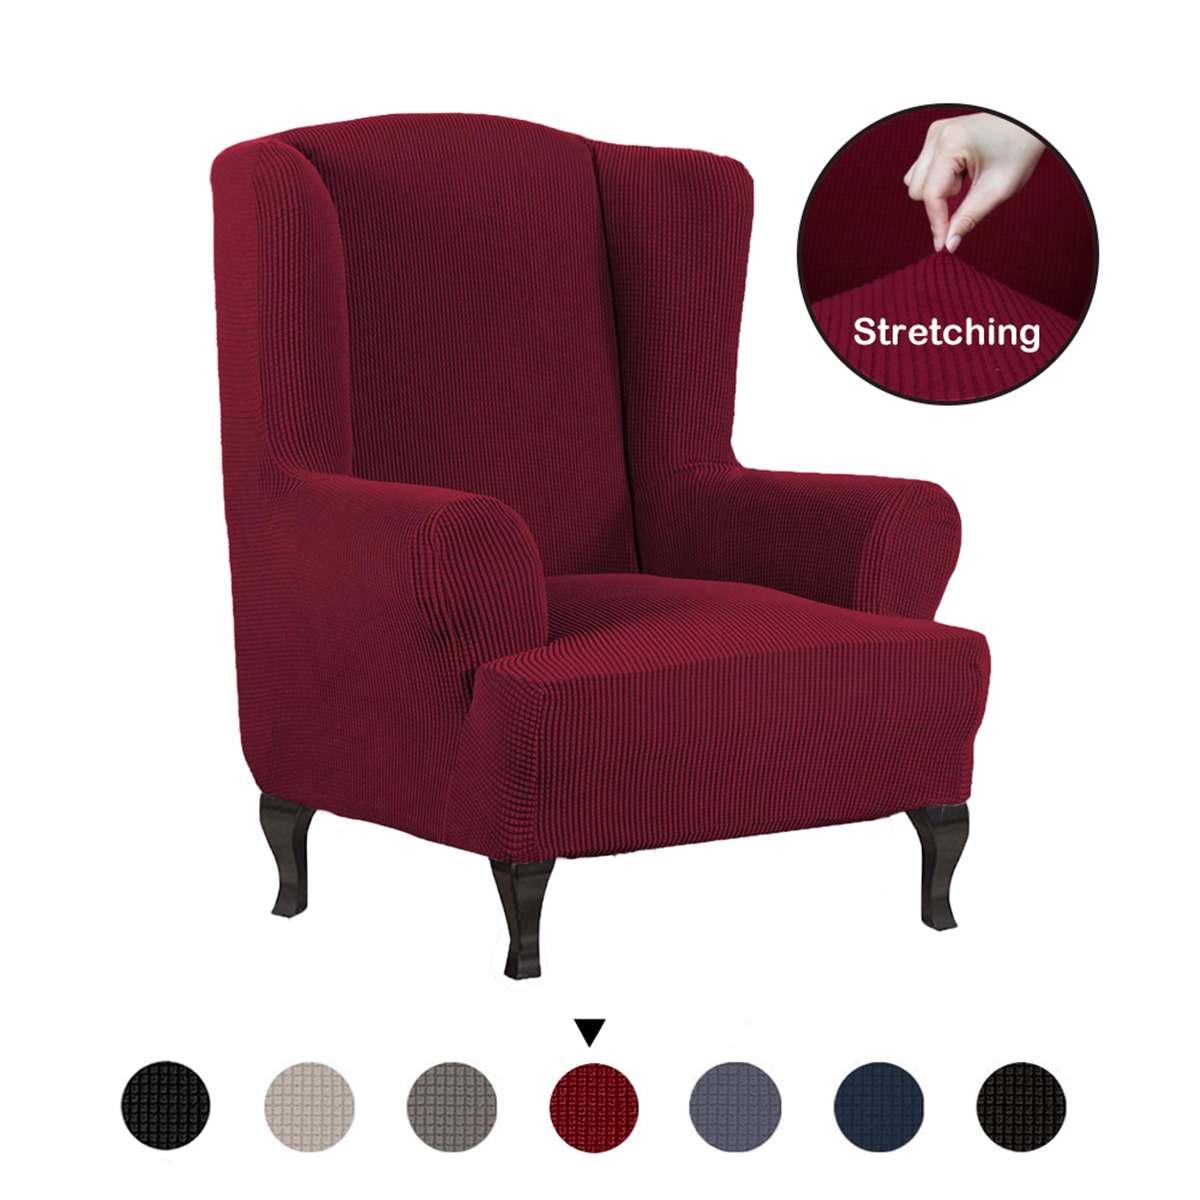 Todo Incluido sillón elástico Wingback silla Wing Back cubierta de la silla con brazo ranurado King Back cubierta elástica para sillas cubierta protectora